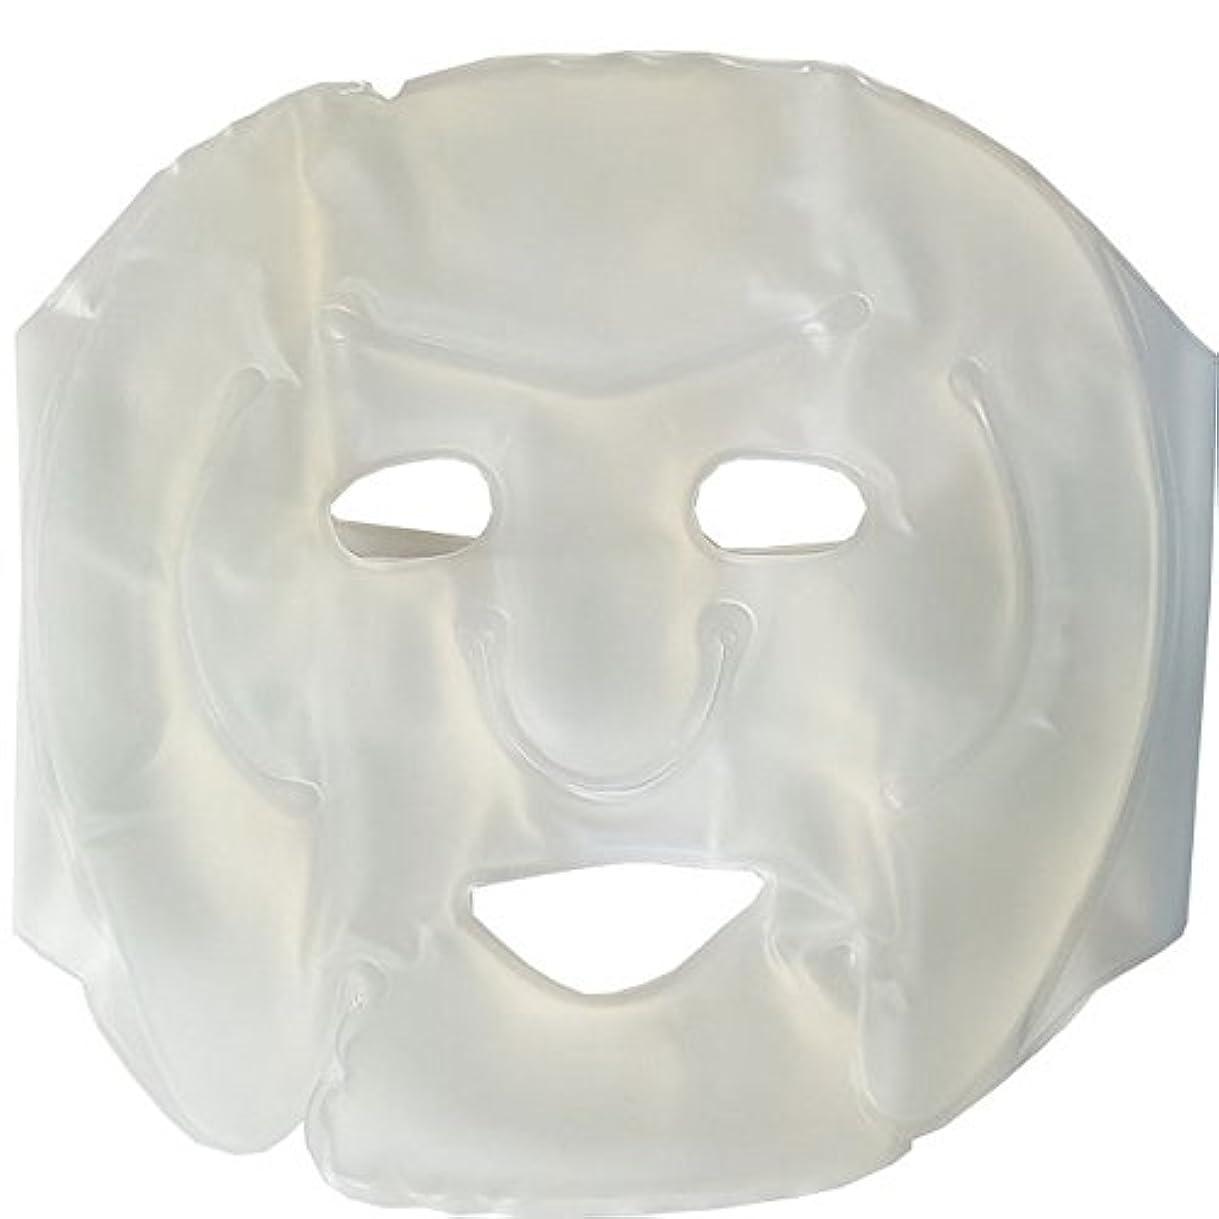 夜間番目気づくなるMDP 顔マッサージジェルマスク アイスジェルパック 冷却パック アイスマスク アイスパック レーザー後の鎮静に グリーン